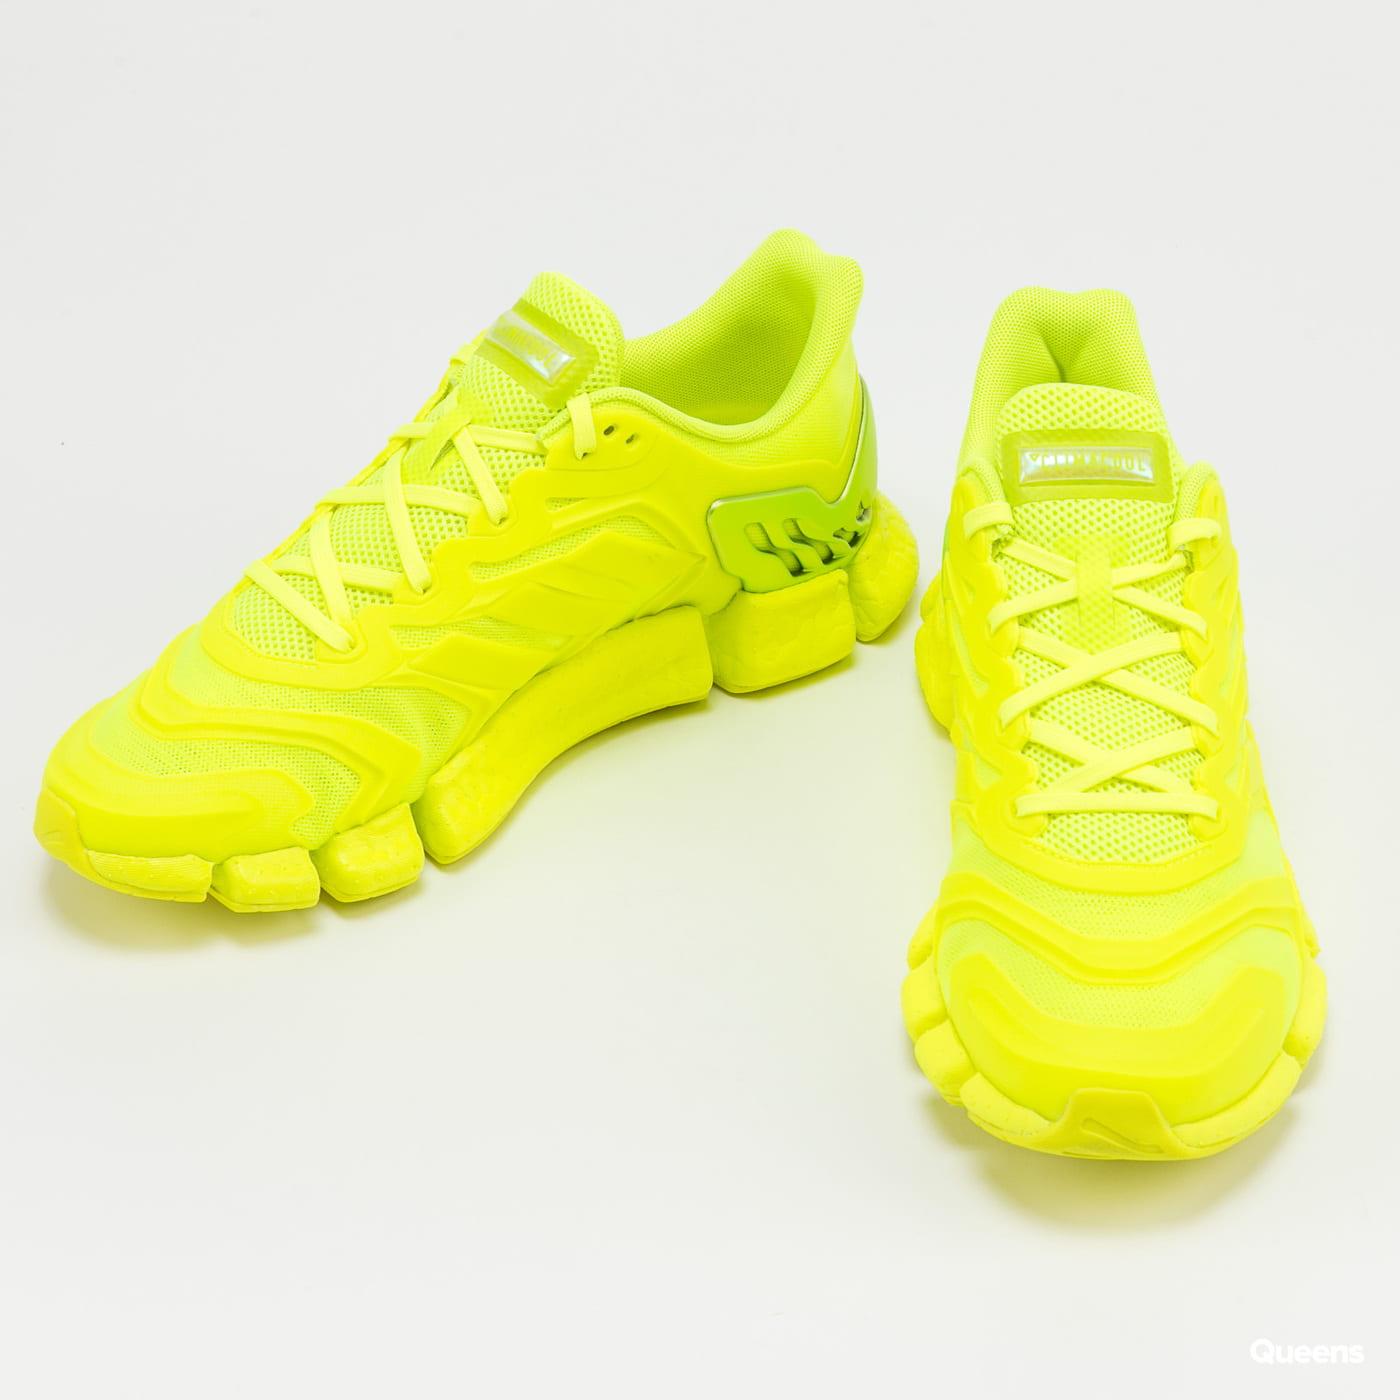 adidas Performance Climacool Vento syello / syello / cblack